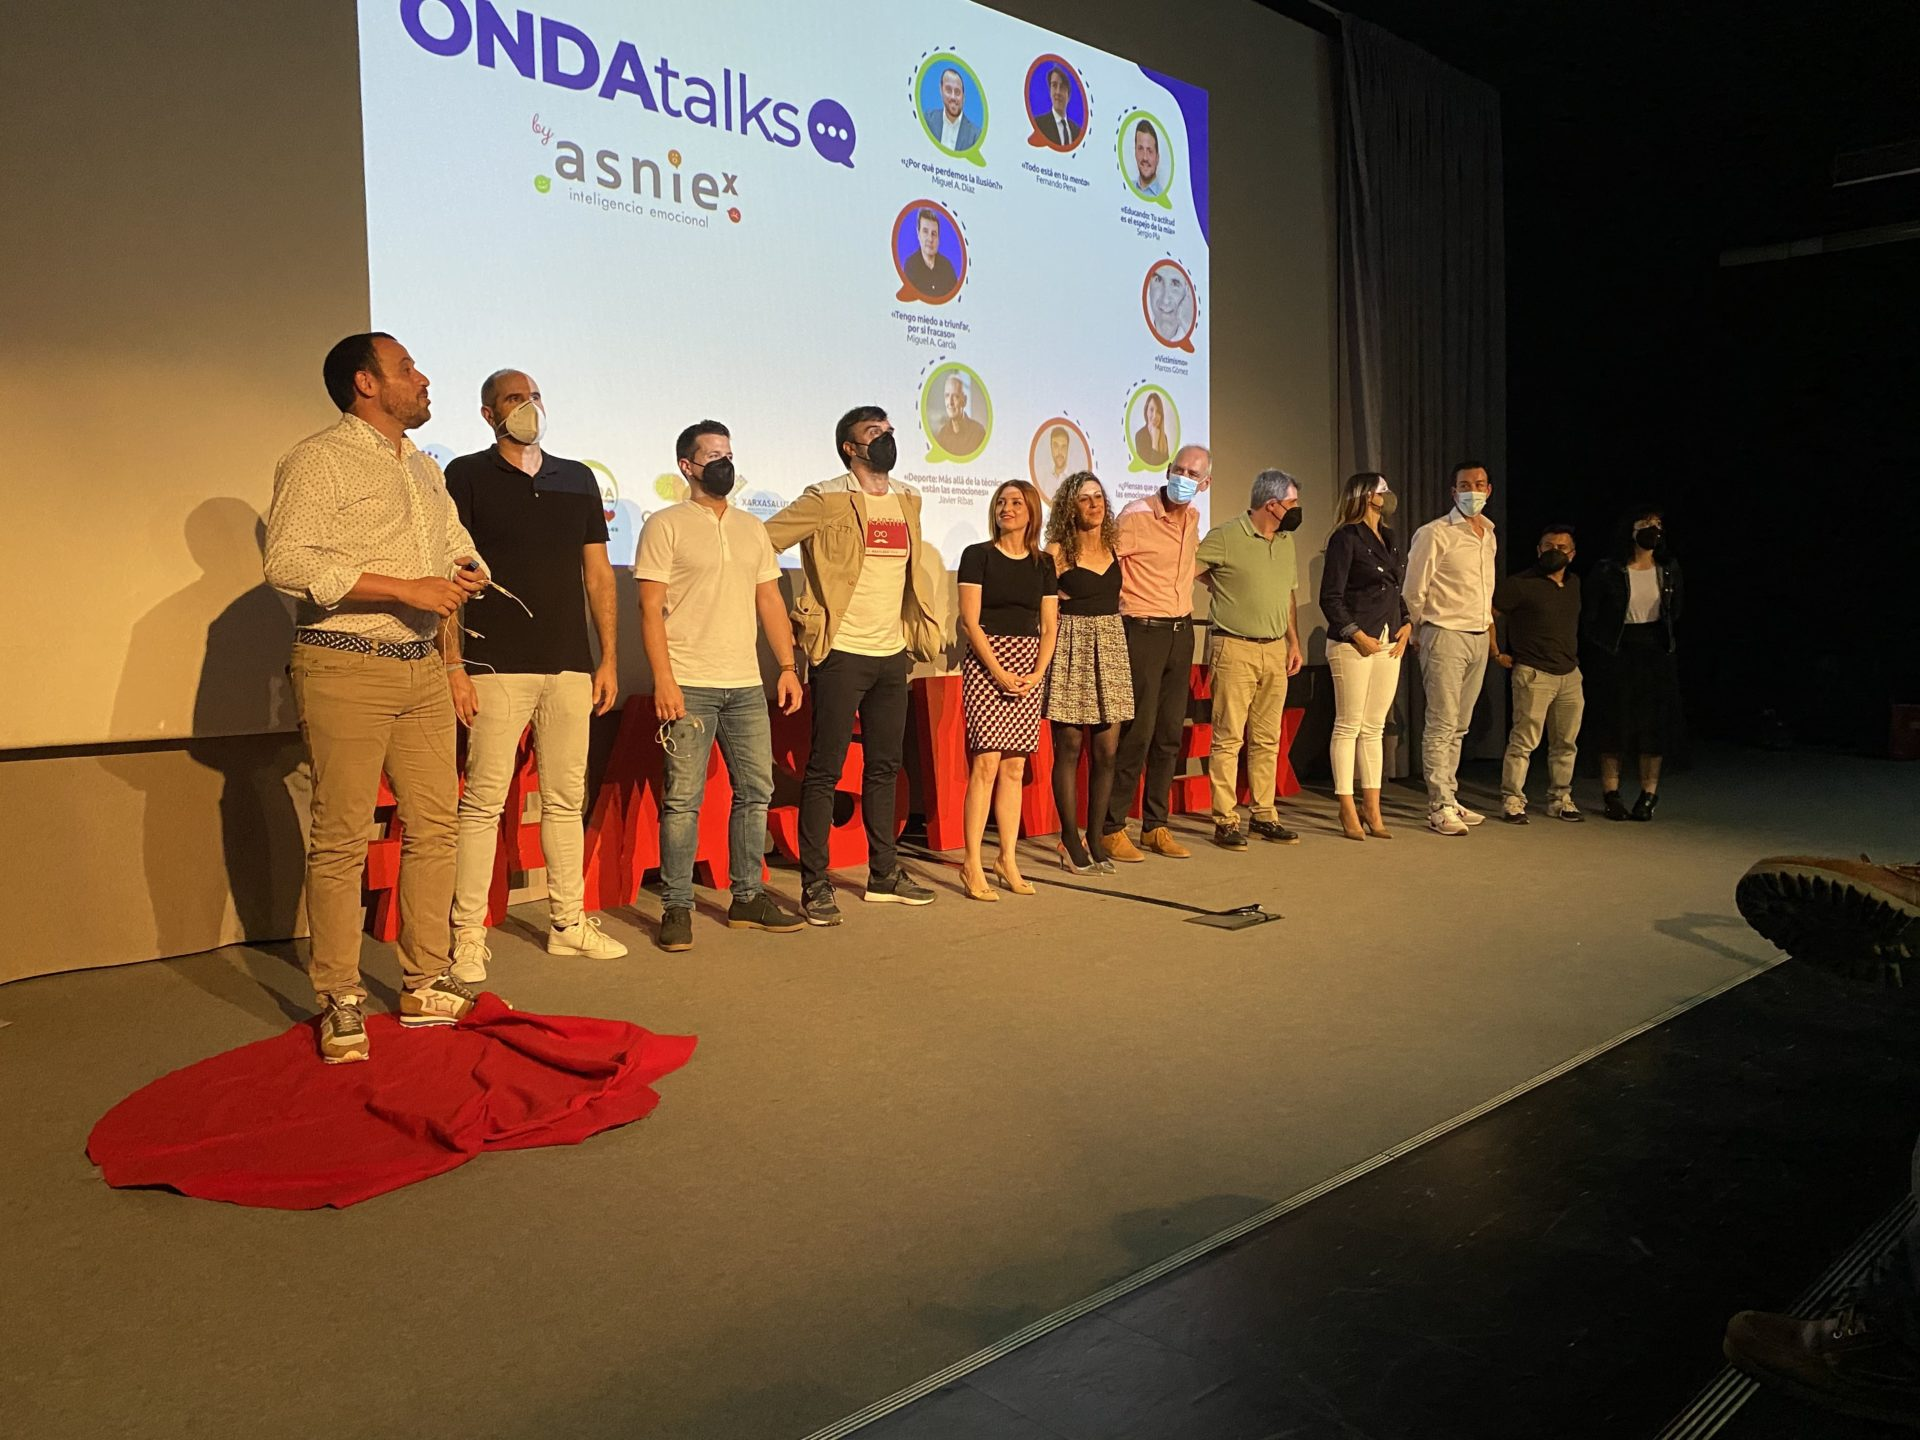 Jornadas Onda talks